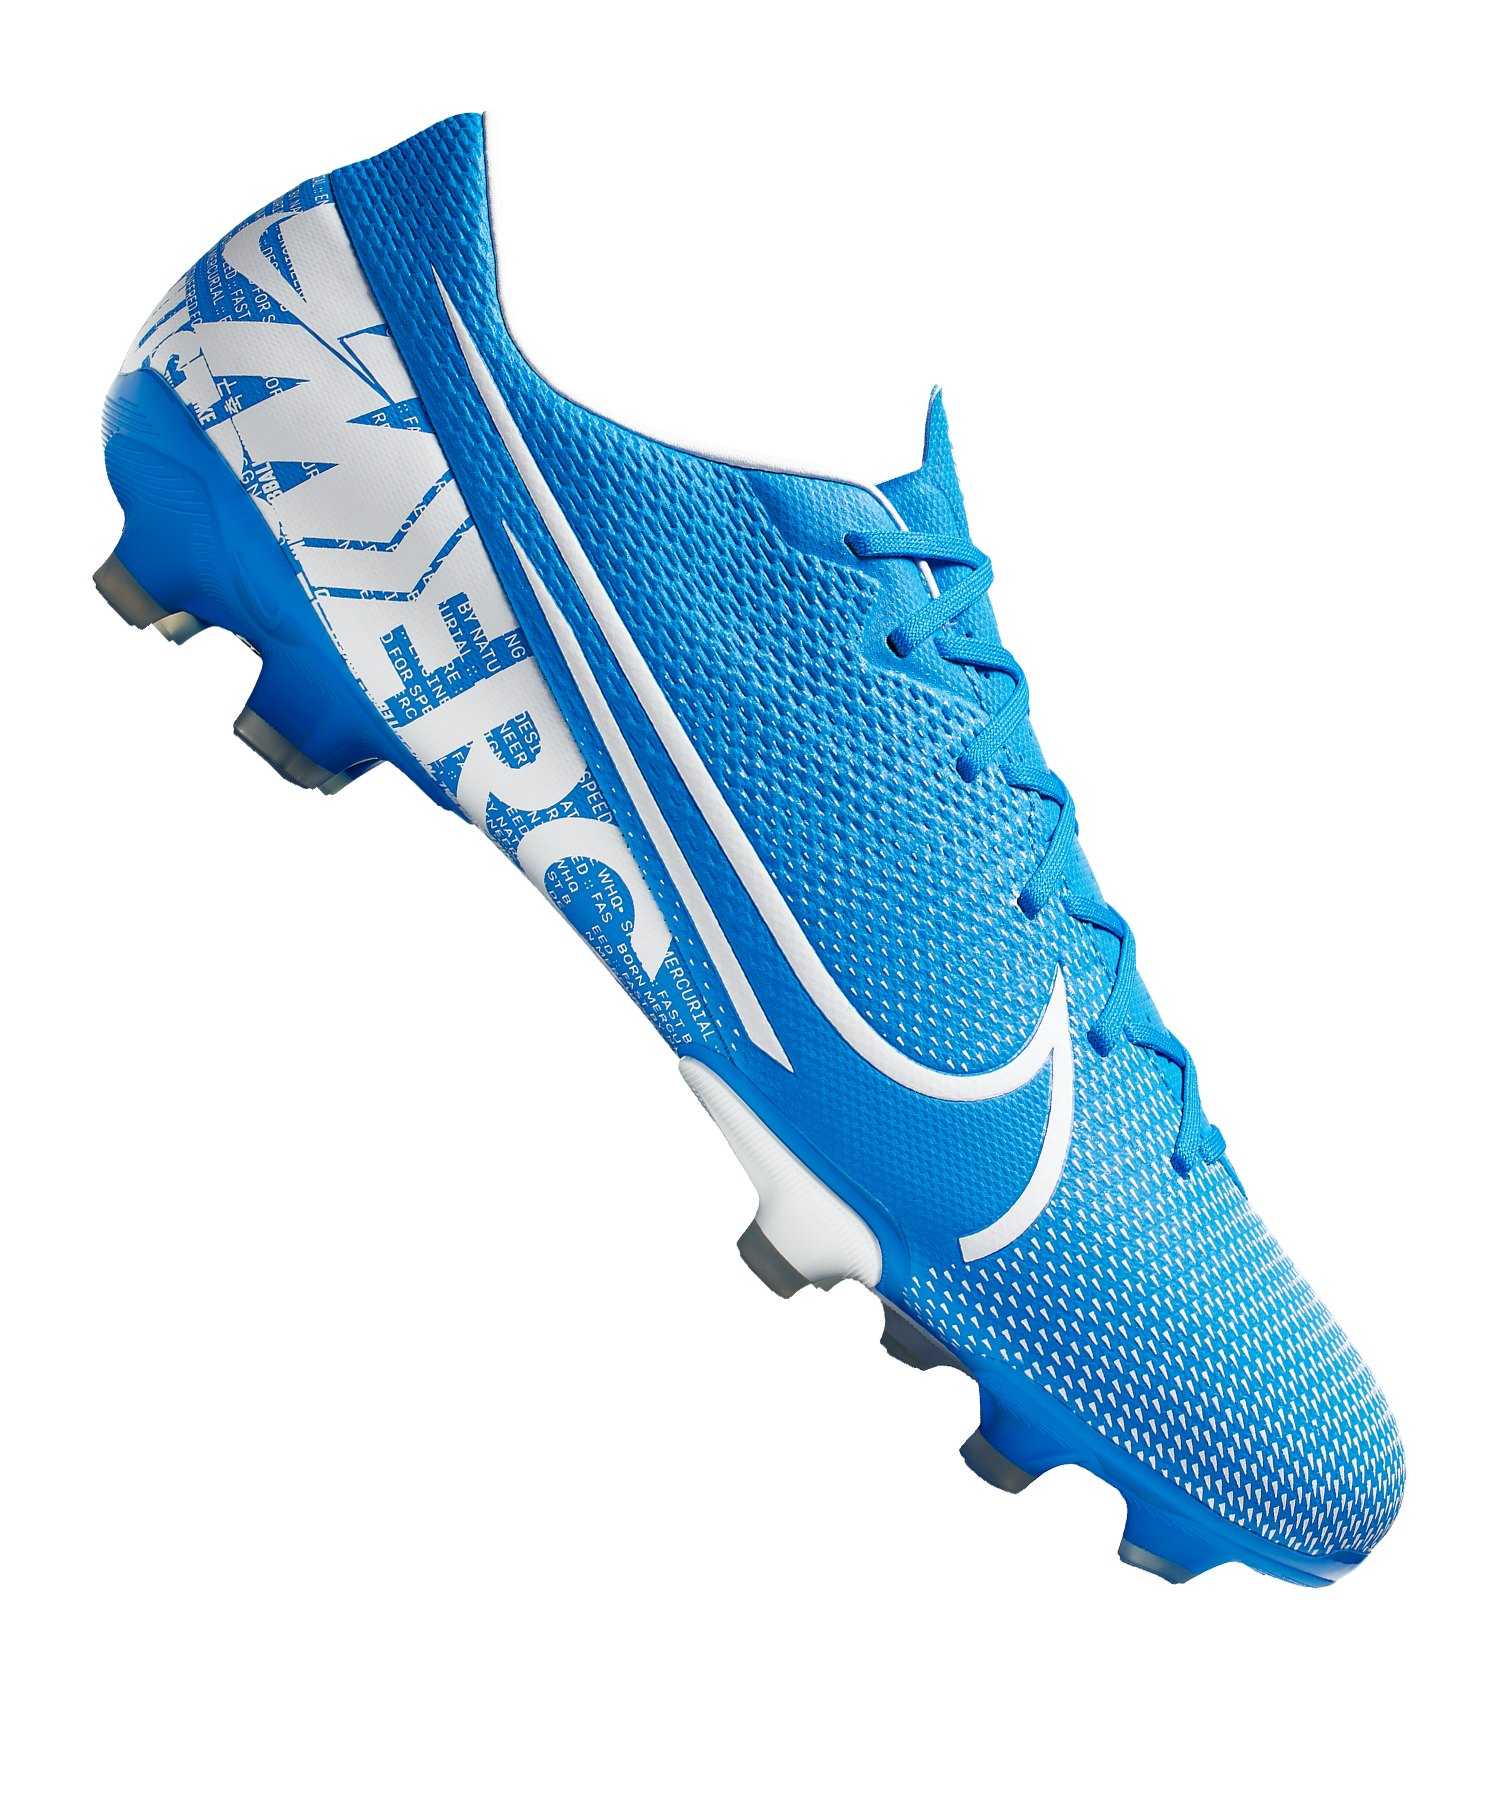 Nike Mercurial Vapor XIII Academy FG/MG Blau F414 - blau